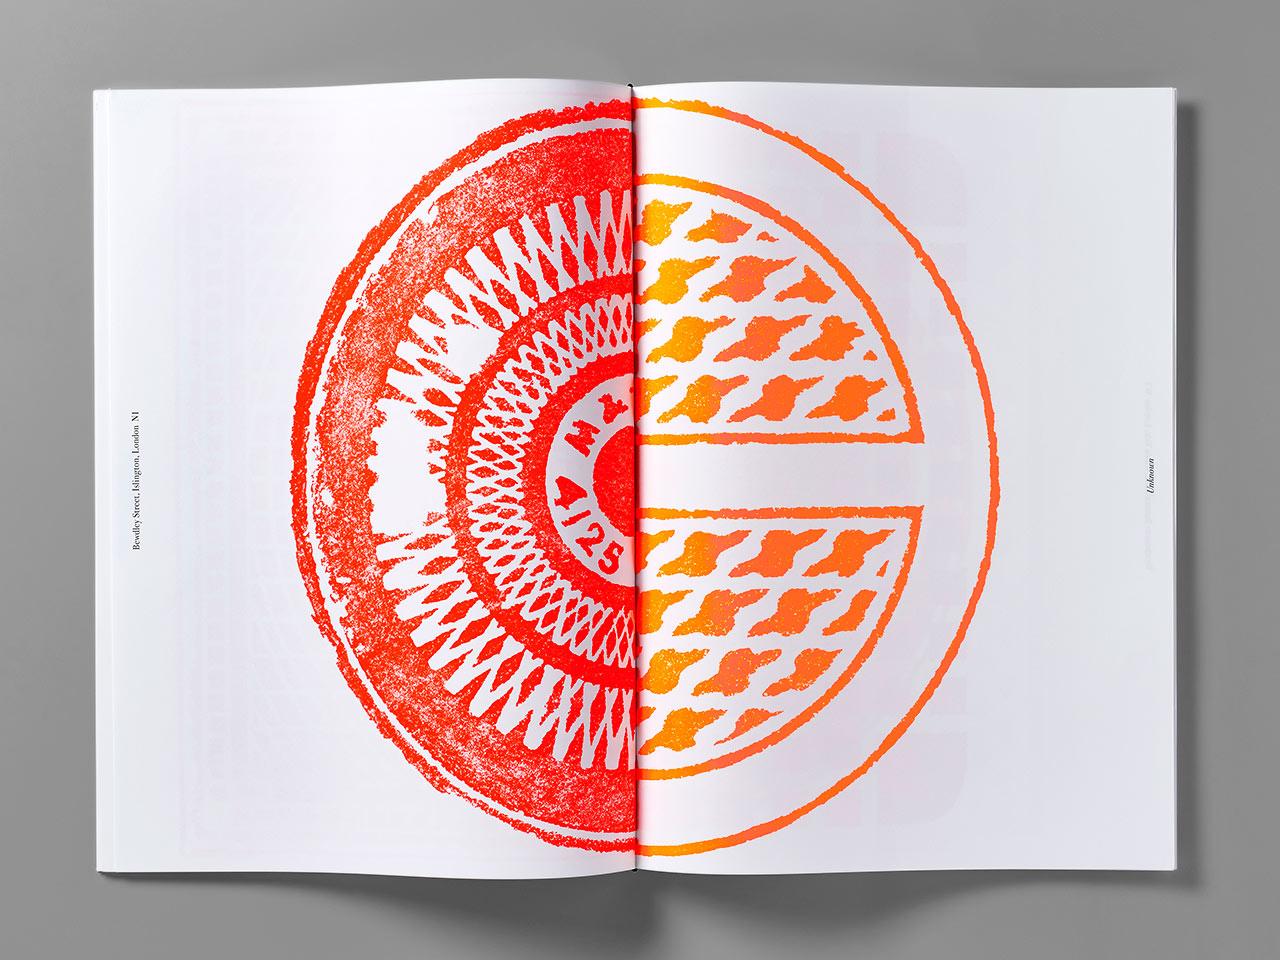 Pentagram_Overlooked-PP-book_15